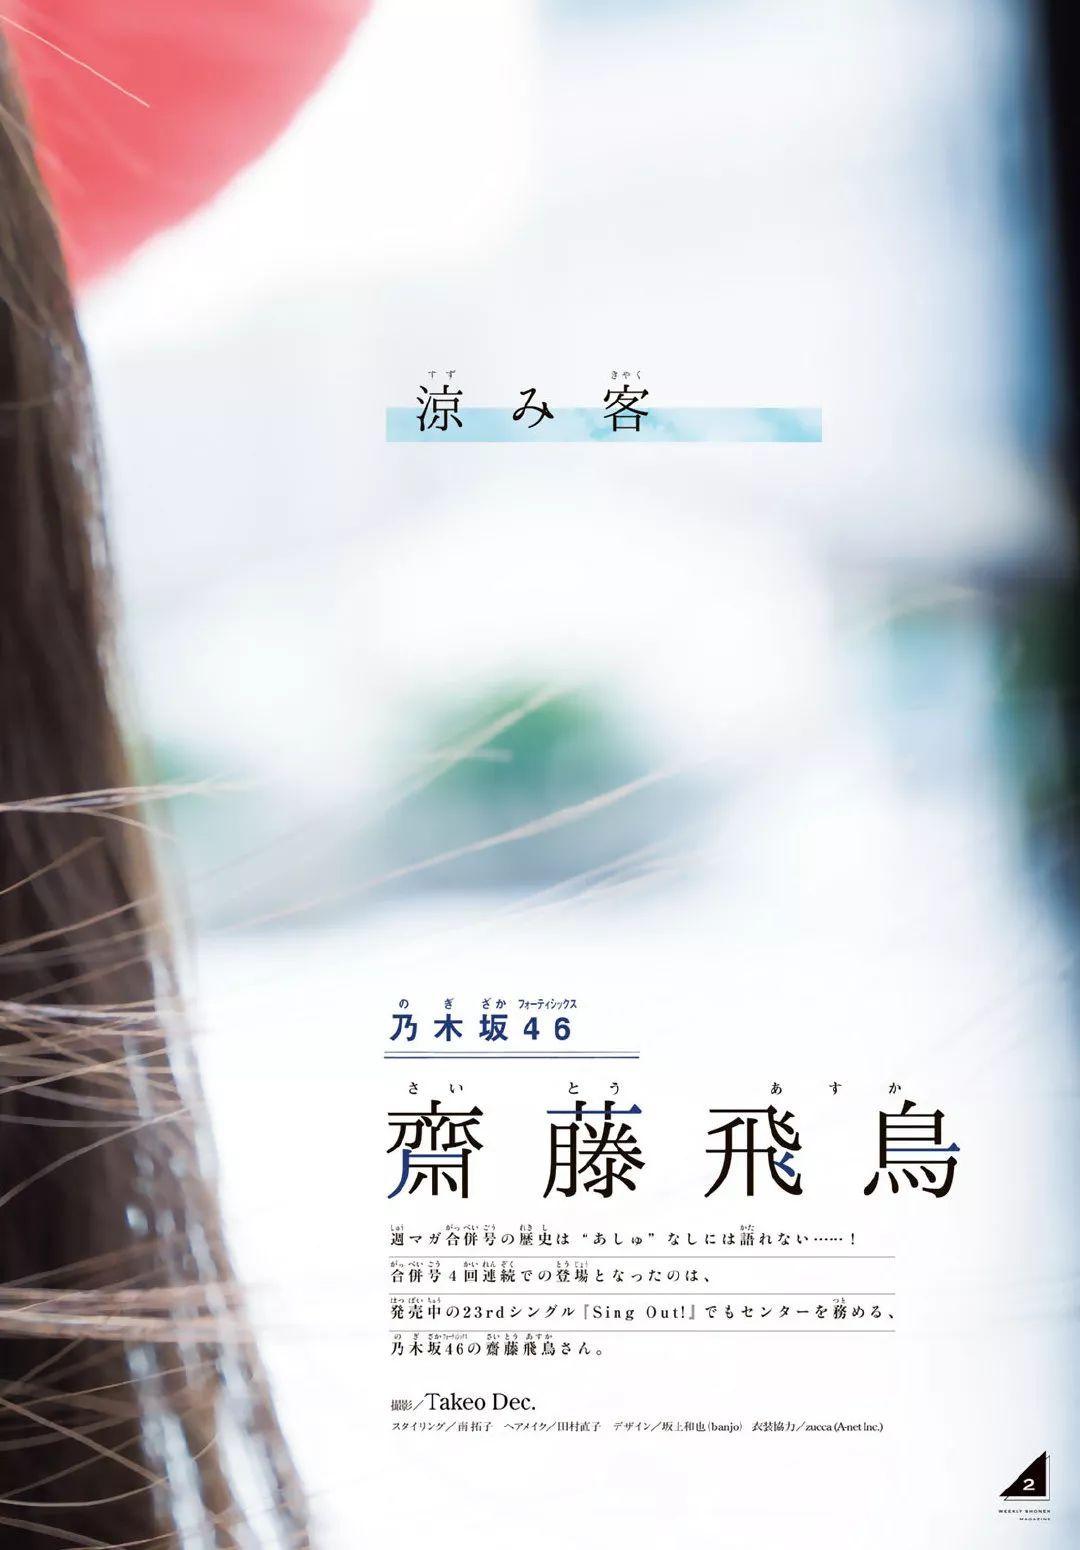 齋藤飛鳥「夏日乘凉」